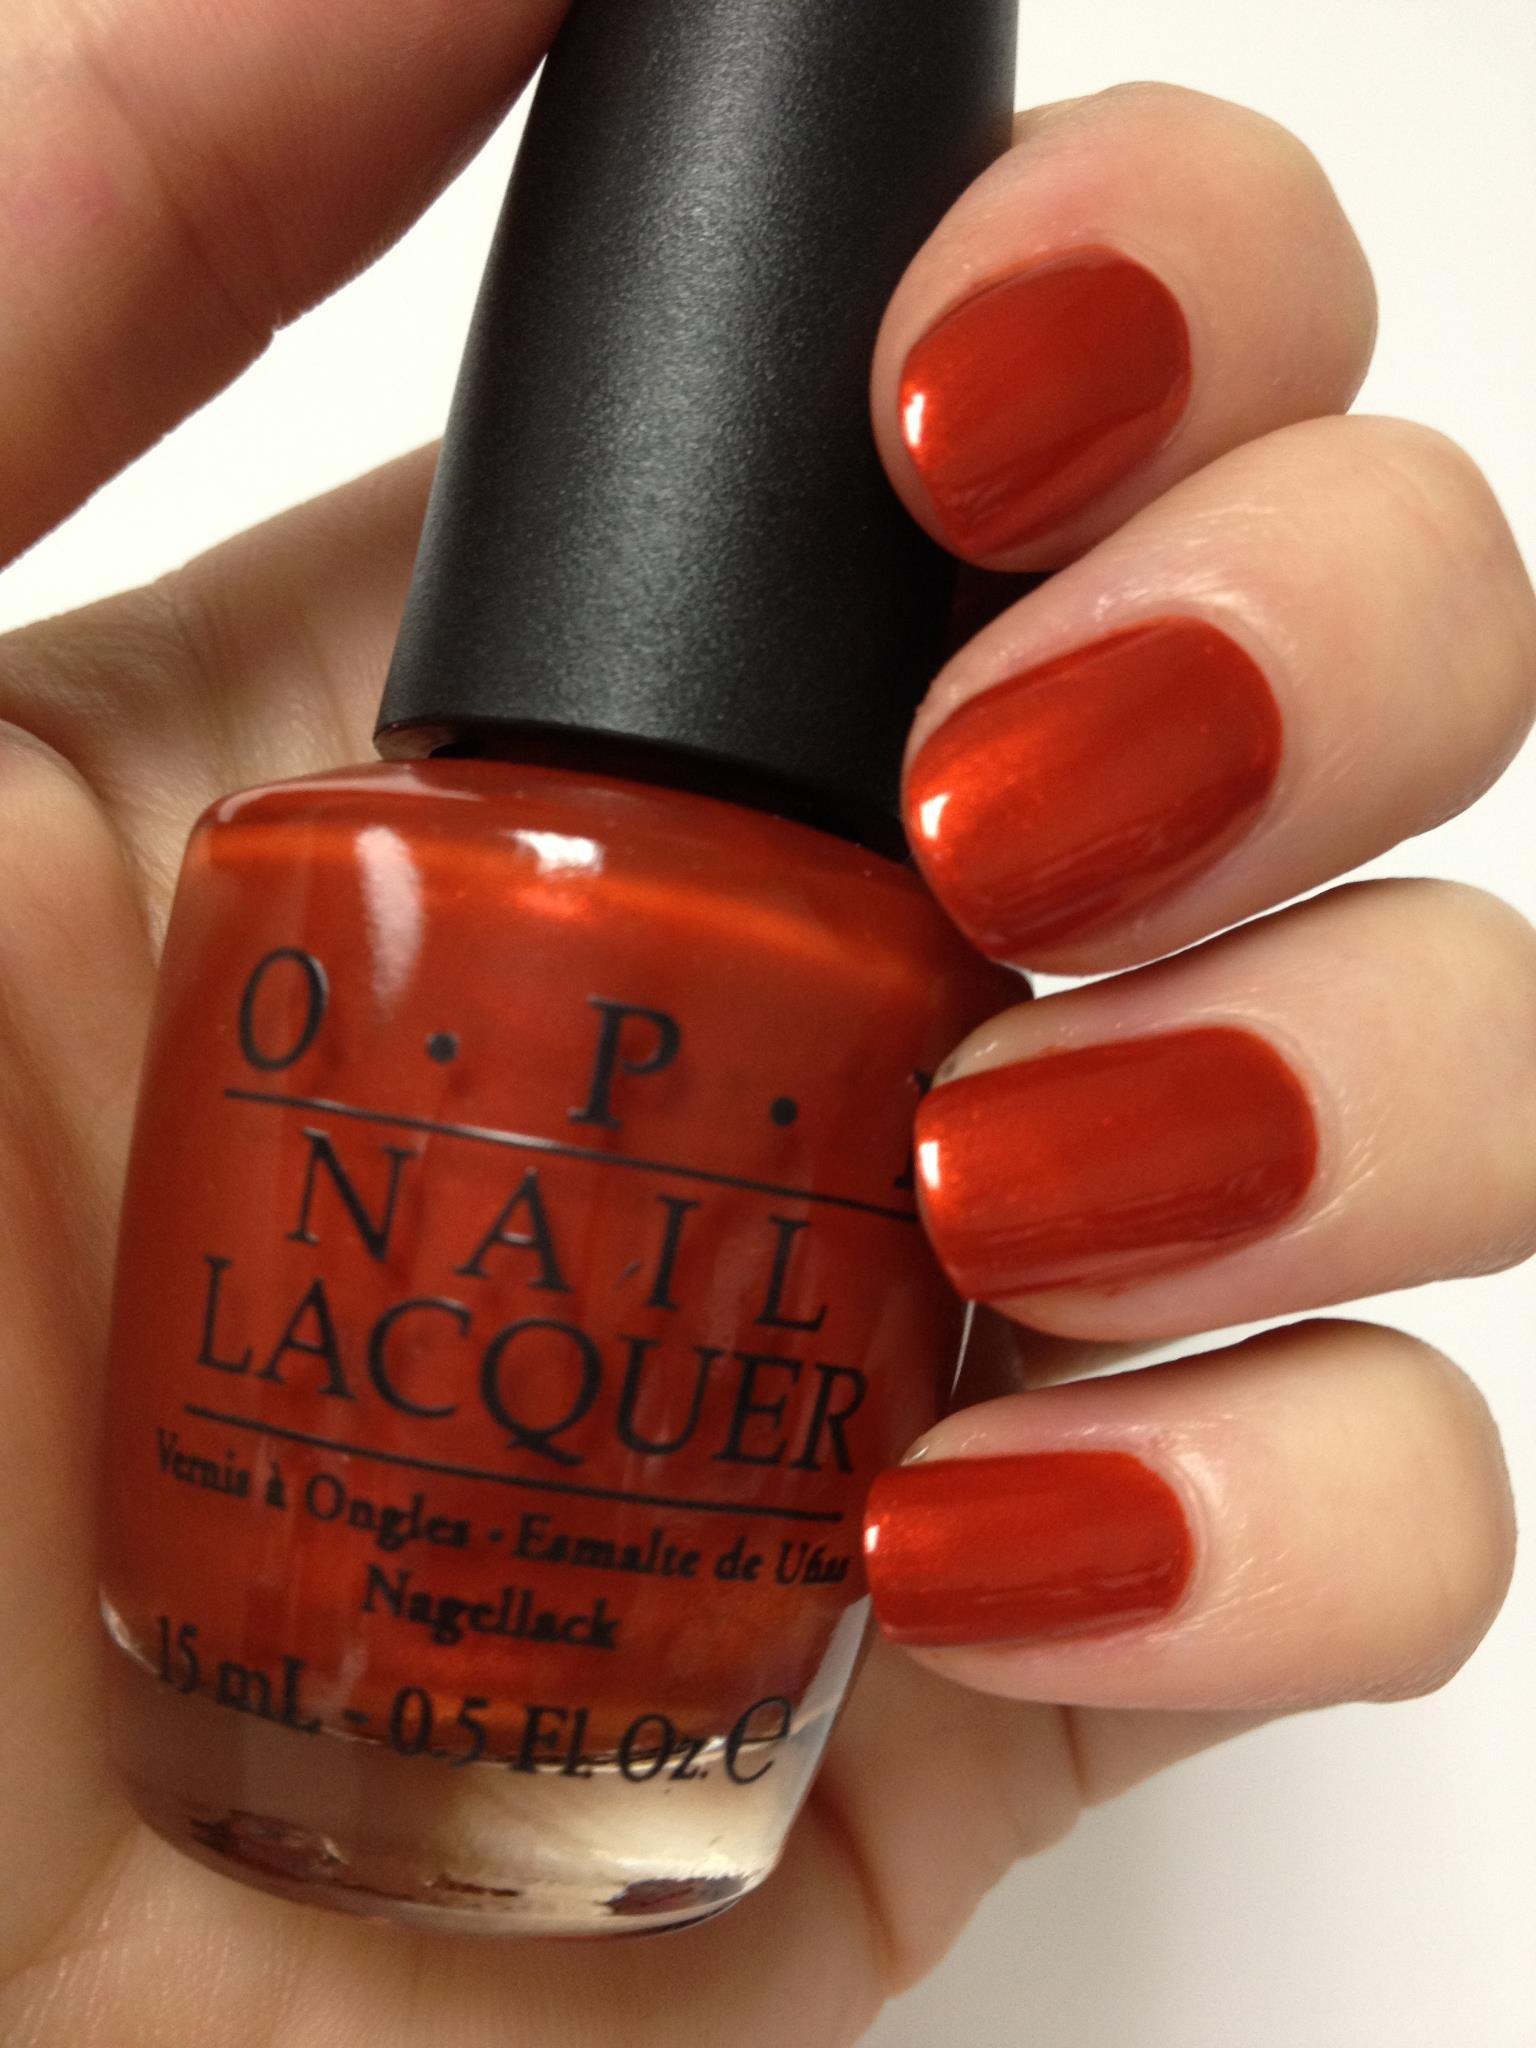 Great fall color nail polish nails pretty nail colors